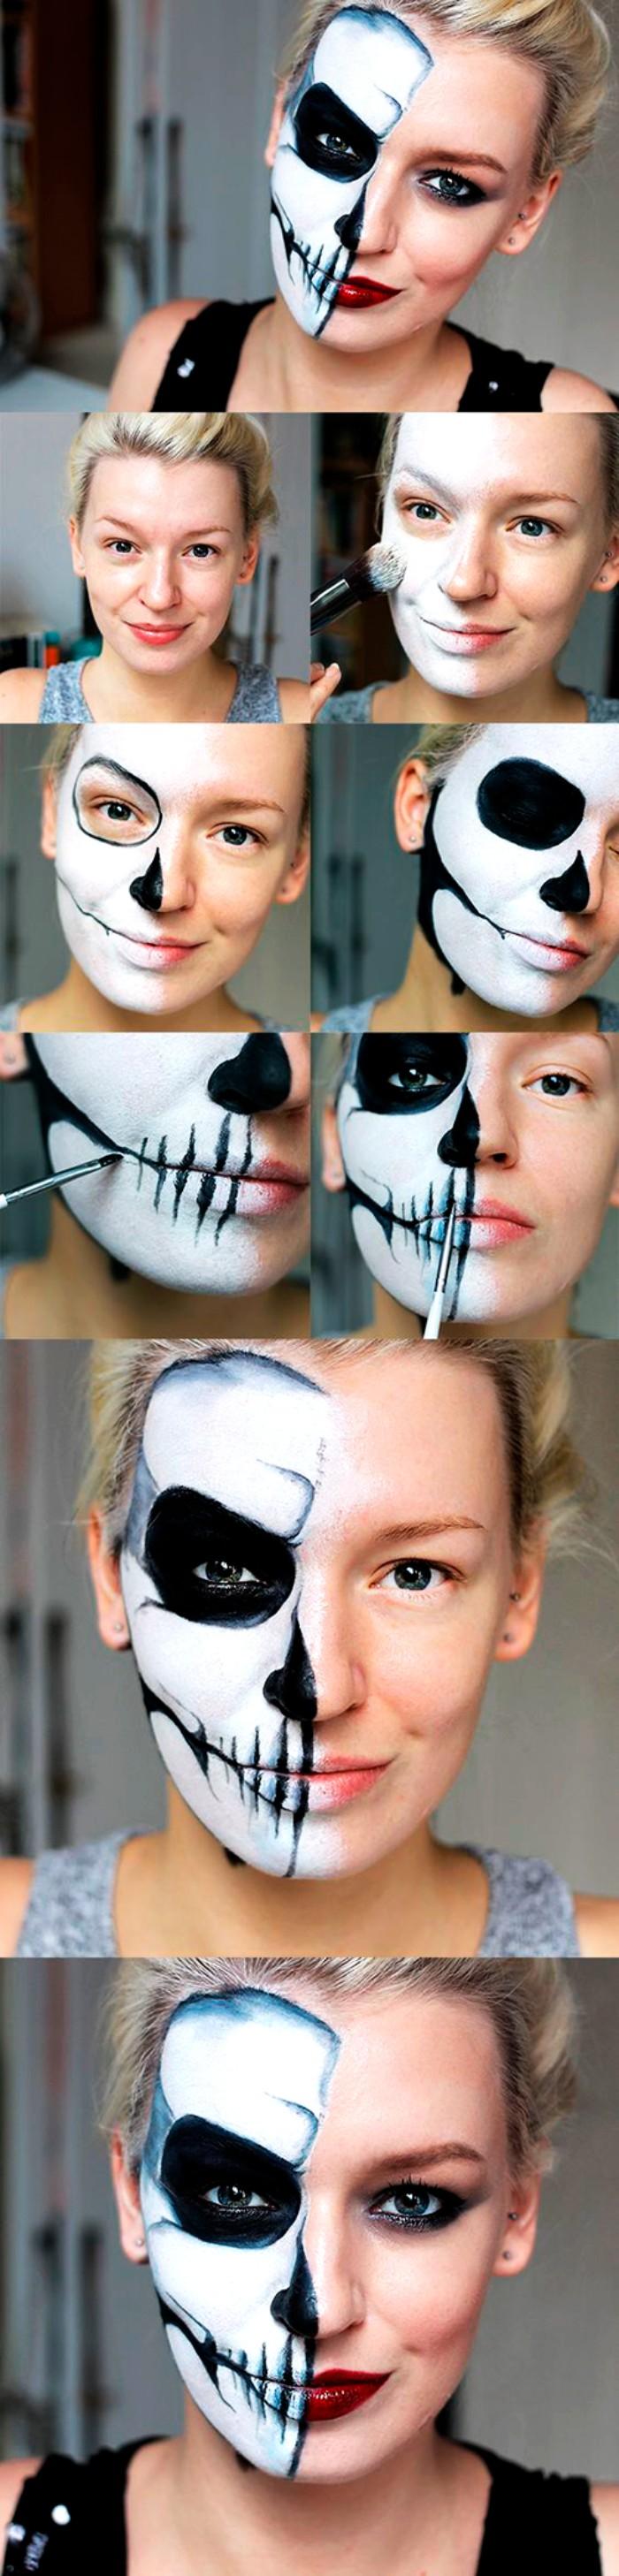 eine bilderanleitung für halb geschminktes gesicht vom totenkopf, halloween kostüm selber machen